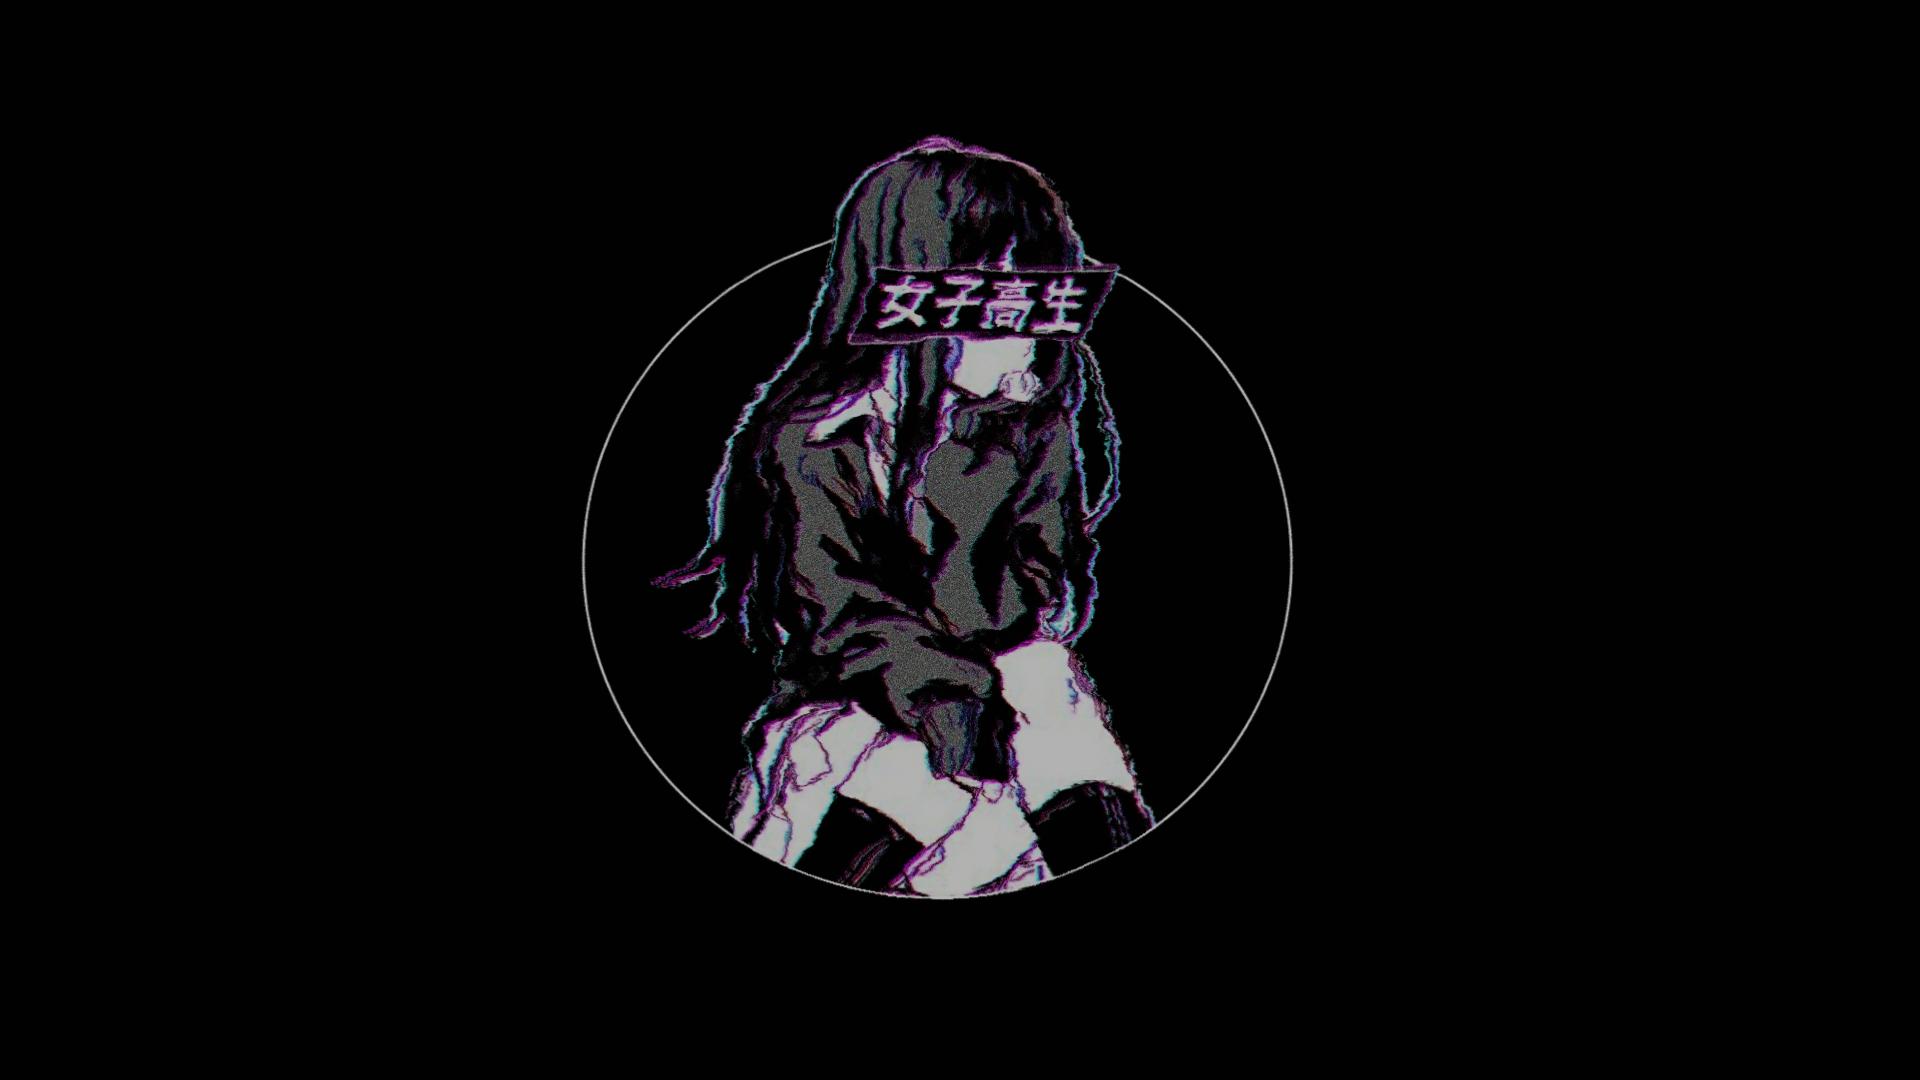 Wallpaper Black Background Chromatic Aberration Kanji Anime